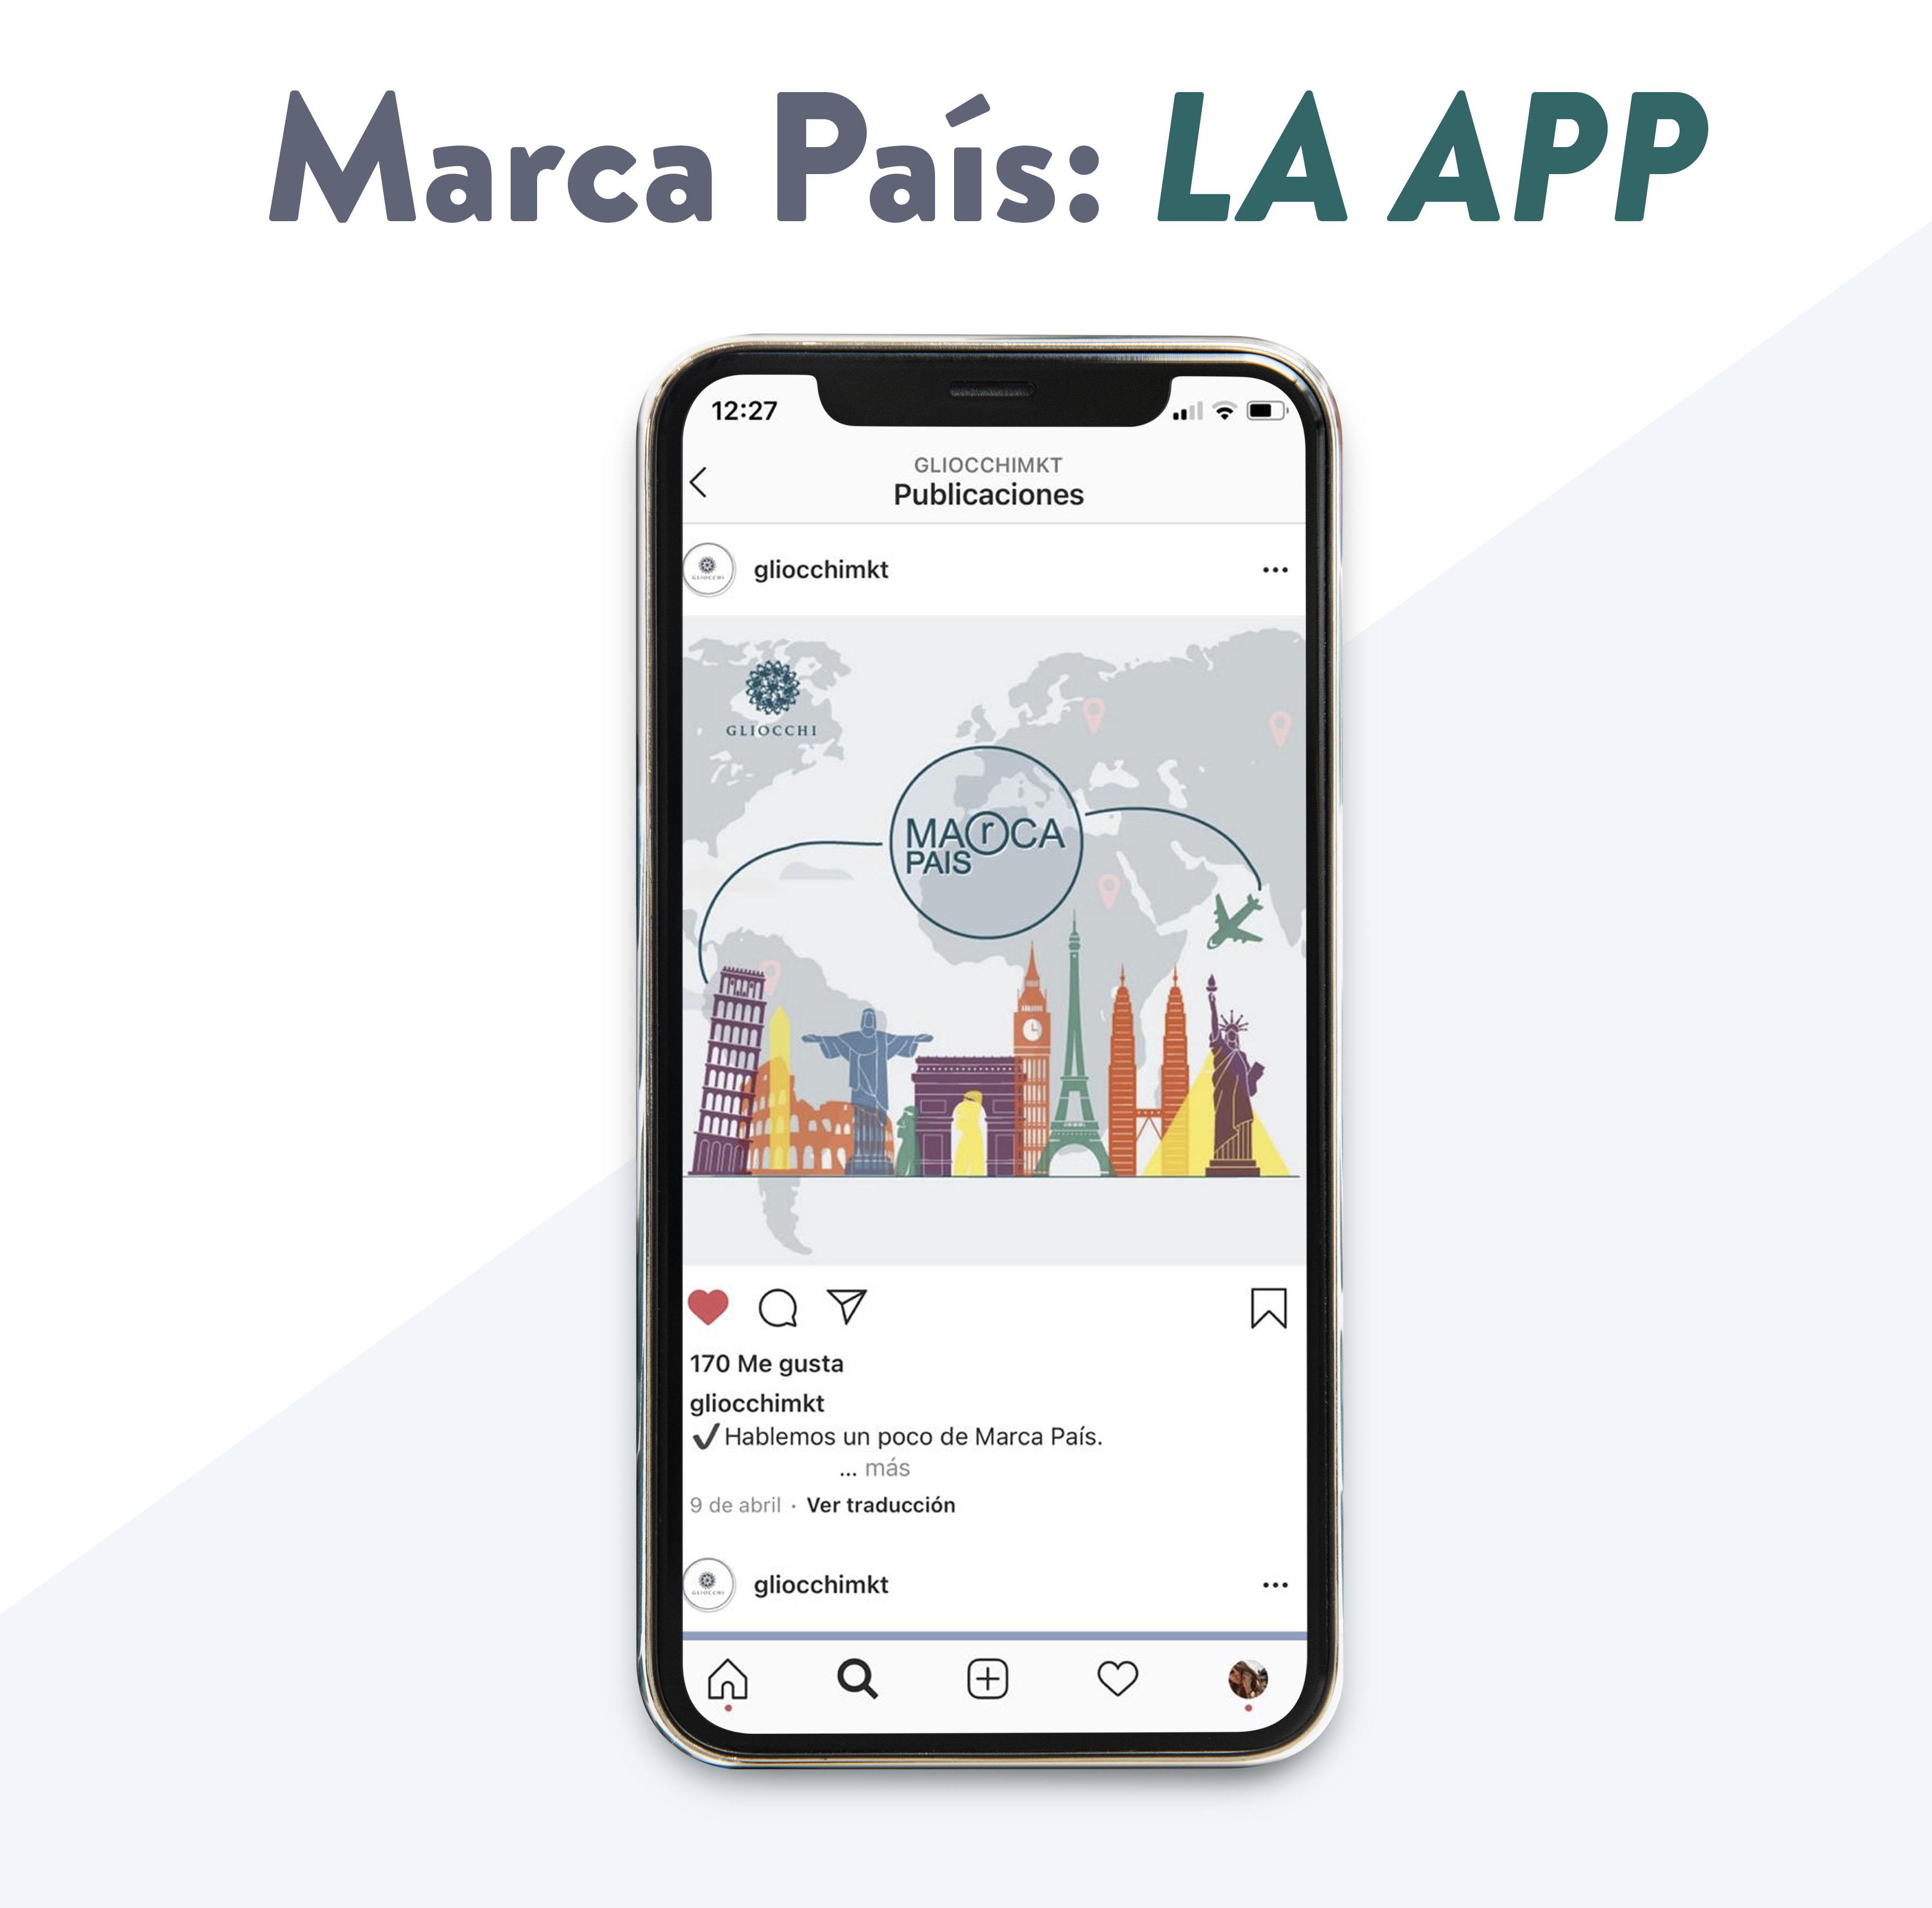 Presentación de la Apps Marca País (Provincia, ciudad)